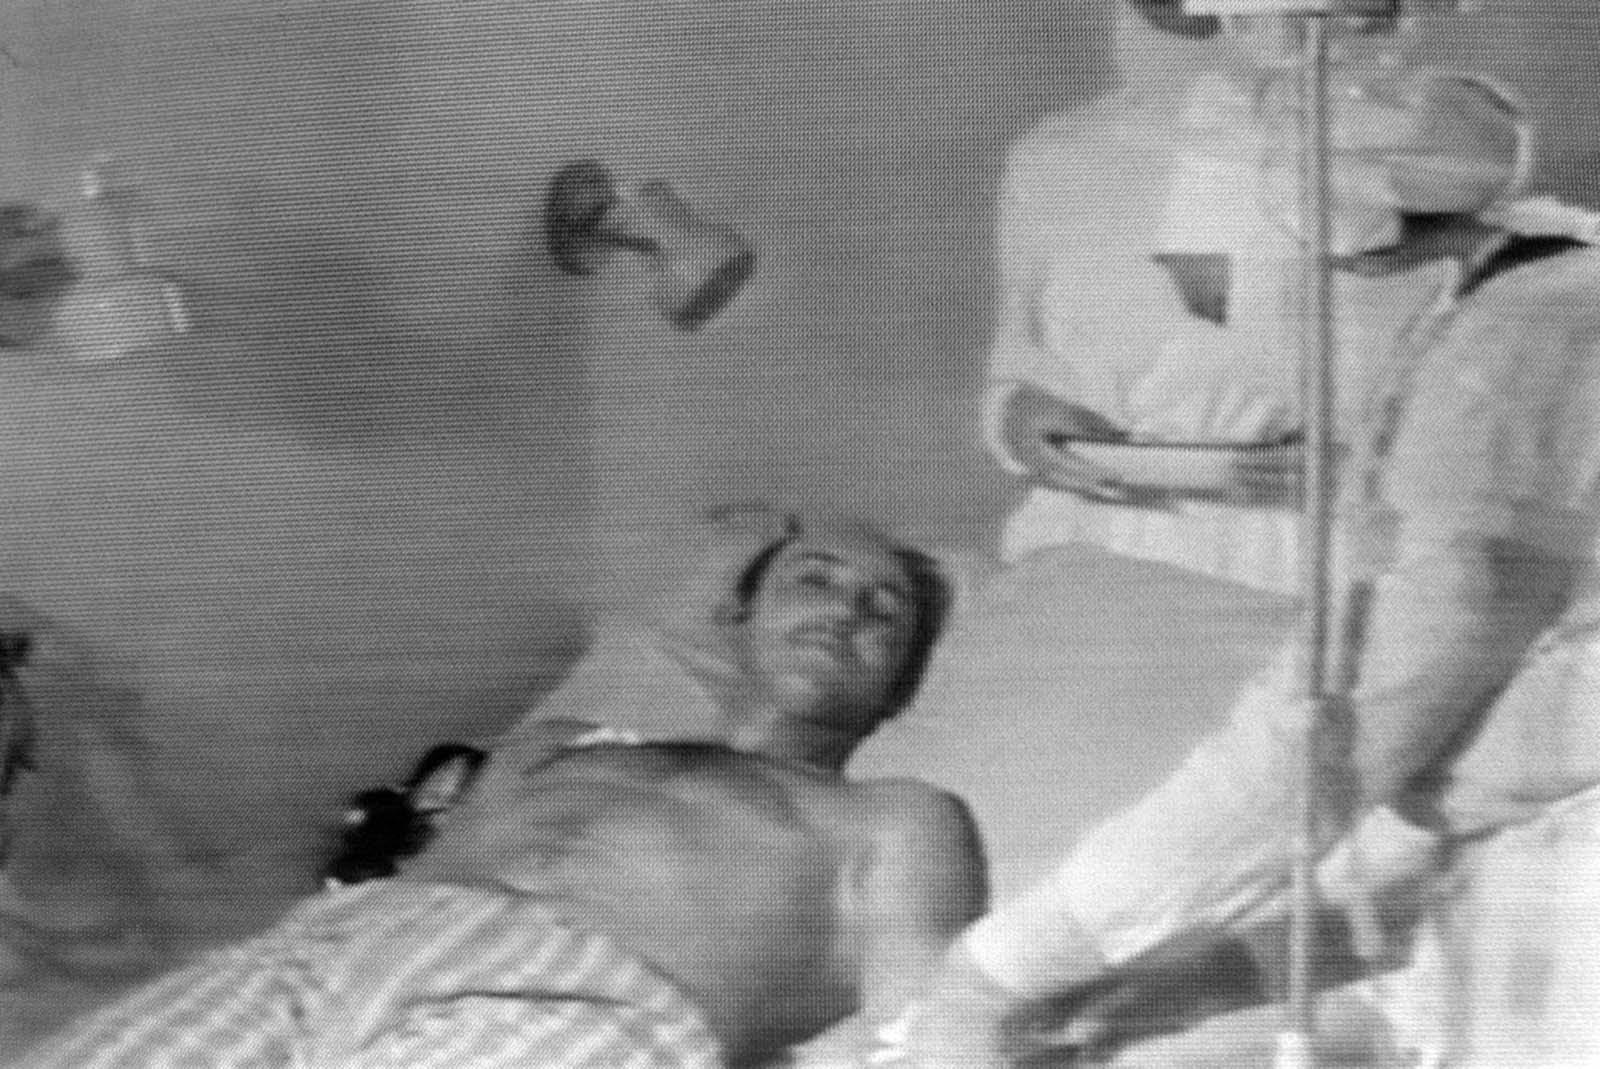 Снимка от излъчване на материали по съветската телевизия, показващи лечението на човек, пострадал от ексползията.